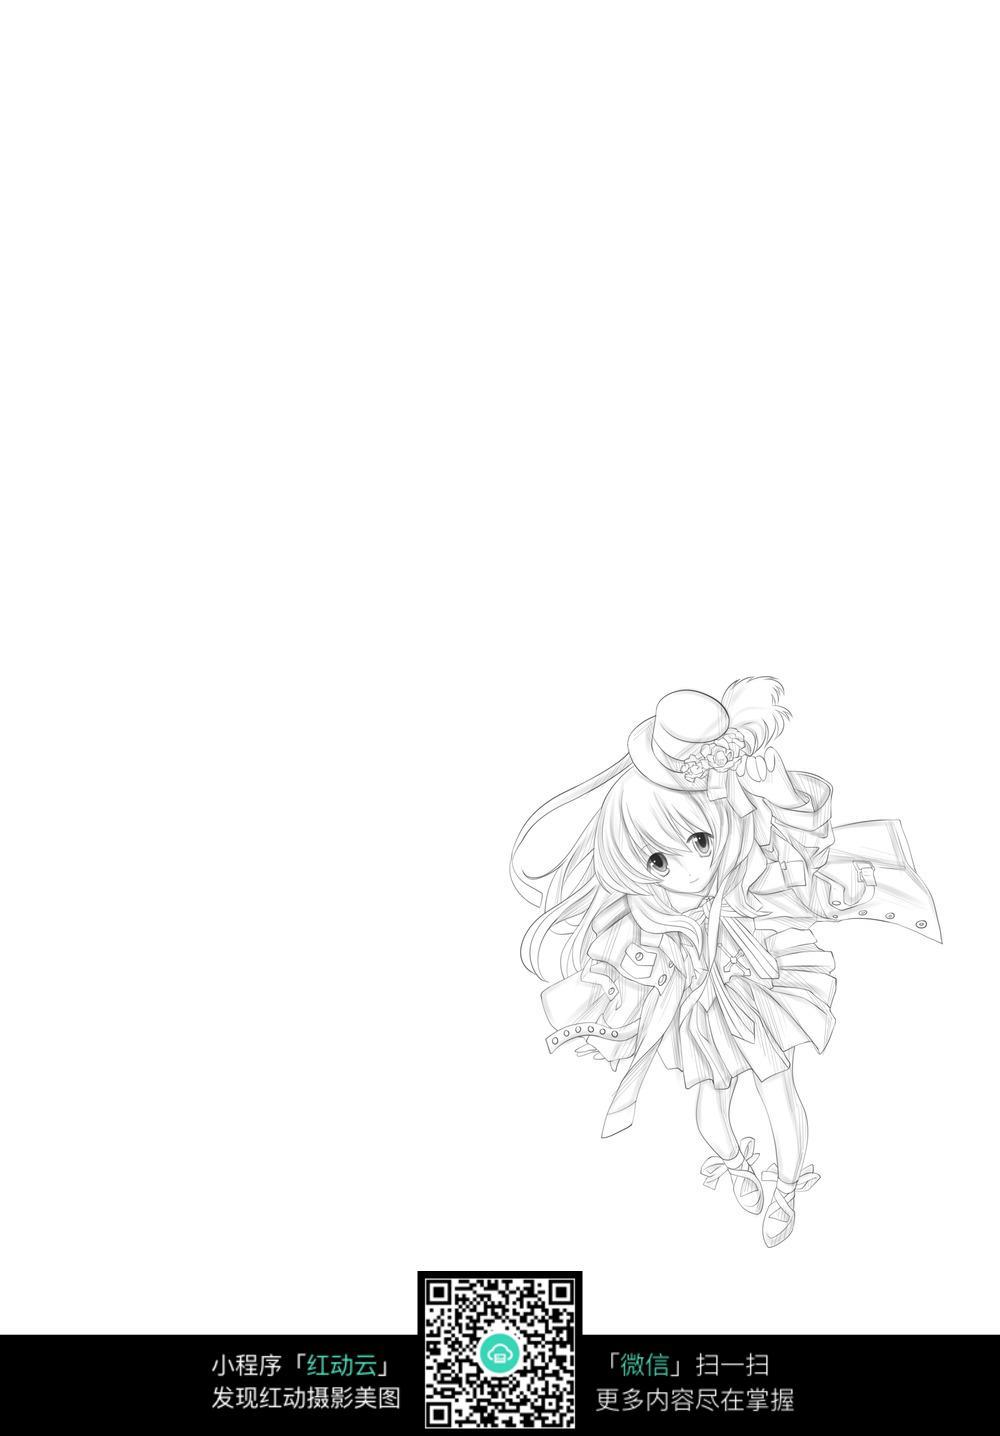 可爱小游戏人物线描图片_人物卡通图片